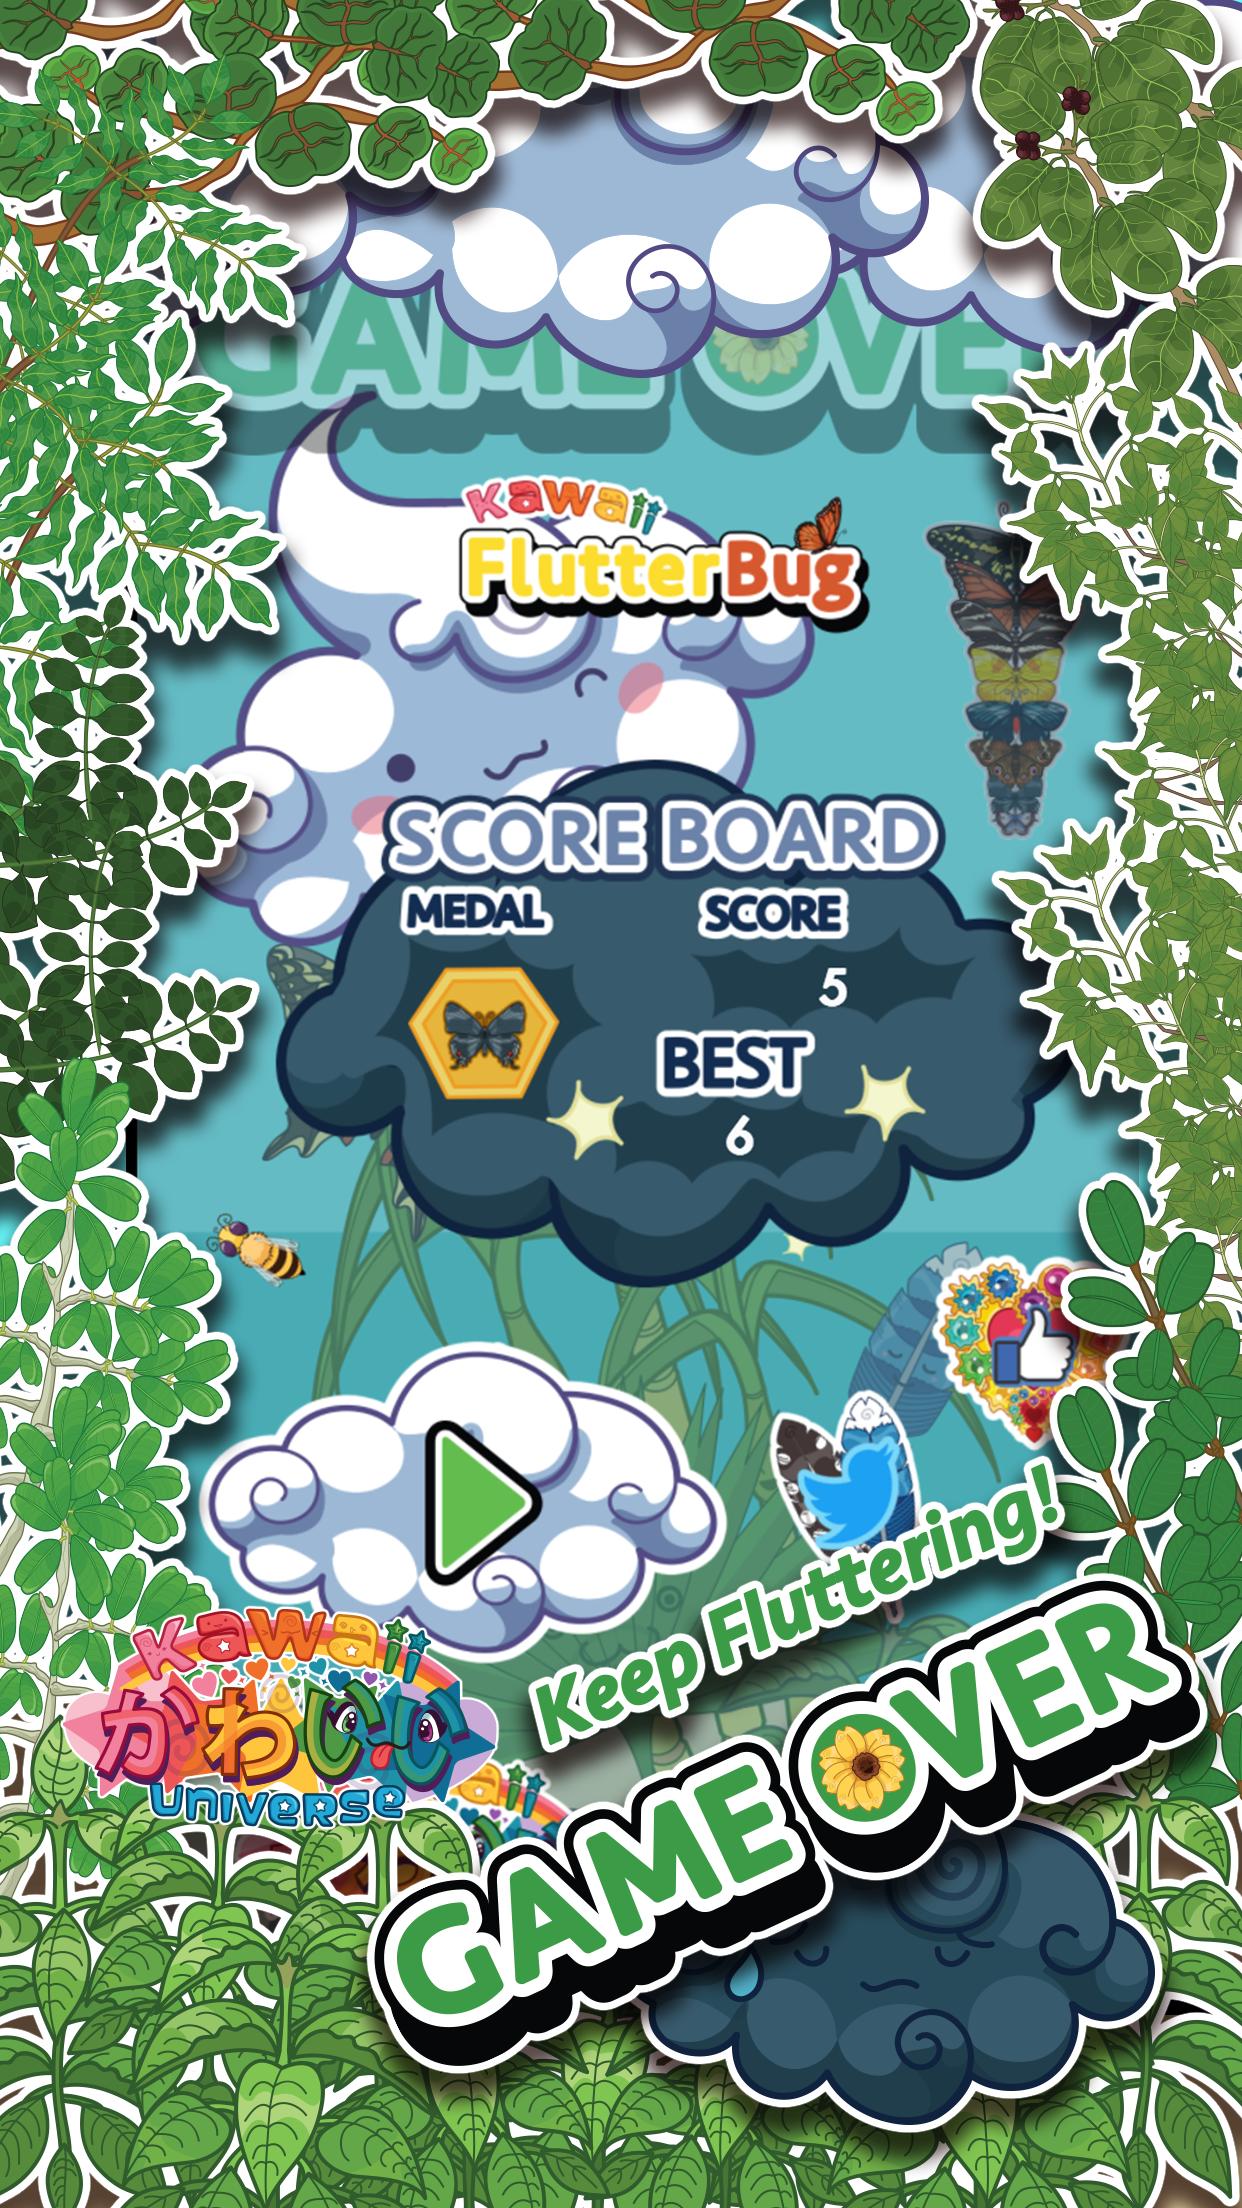 KU-kawaii-flutterBug-screenshot-iPhone-5-06.png